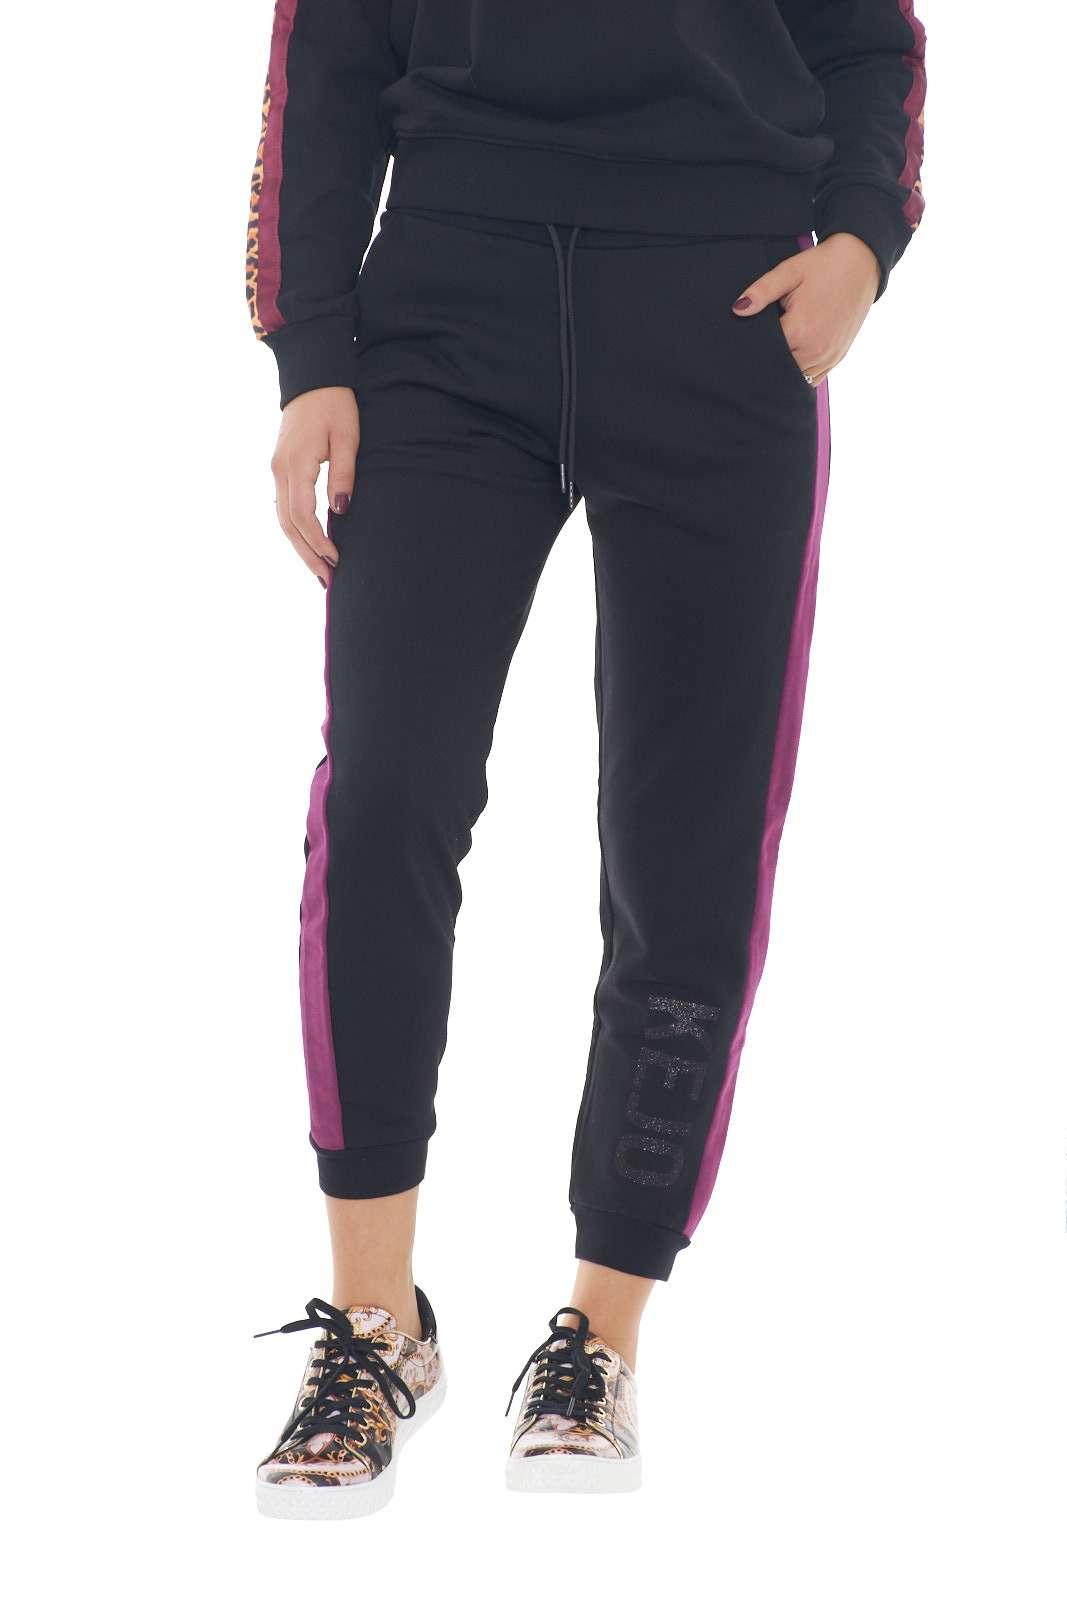 Sportivo e stiloso questo pantalone kejo, perfetto per sfoggiare outfit comodi e pratici, che non rinunciano allo stile. Il giusto compromesso tra sport e casual, racchiuso in un pantalone che con una felpa e una sneaker creerà un look davvero all'avanguardia. La modella è alta 1.78m e indossa la taglia S.